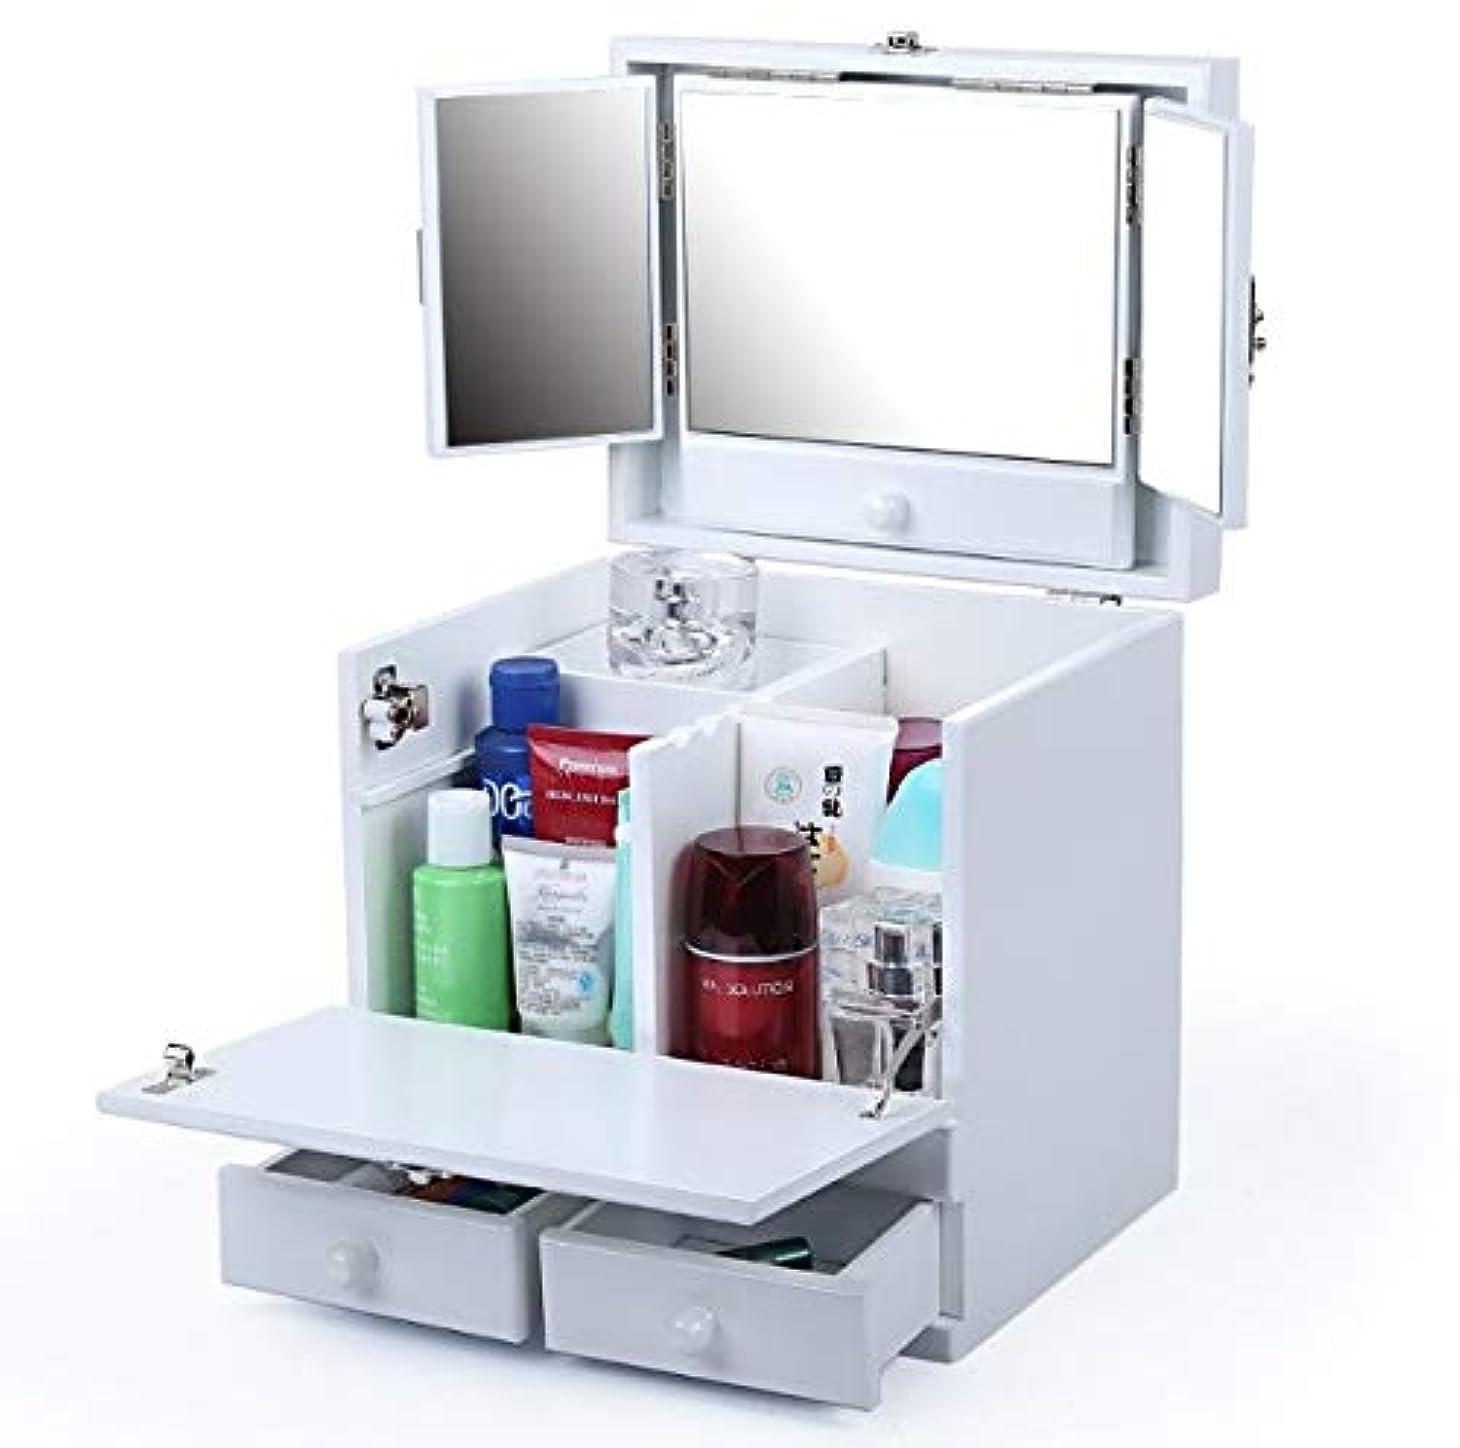 ゴール入浴レシピ化粧箱、白のダブルデッカーヴィンテージ木彫り化粧品ケース、ミラー、高級ウェディングギフト、新築祝いギフト、美容ネイルジュエリー収納ボックス